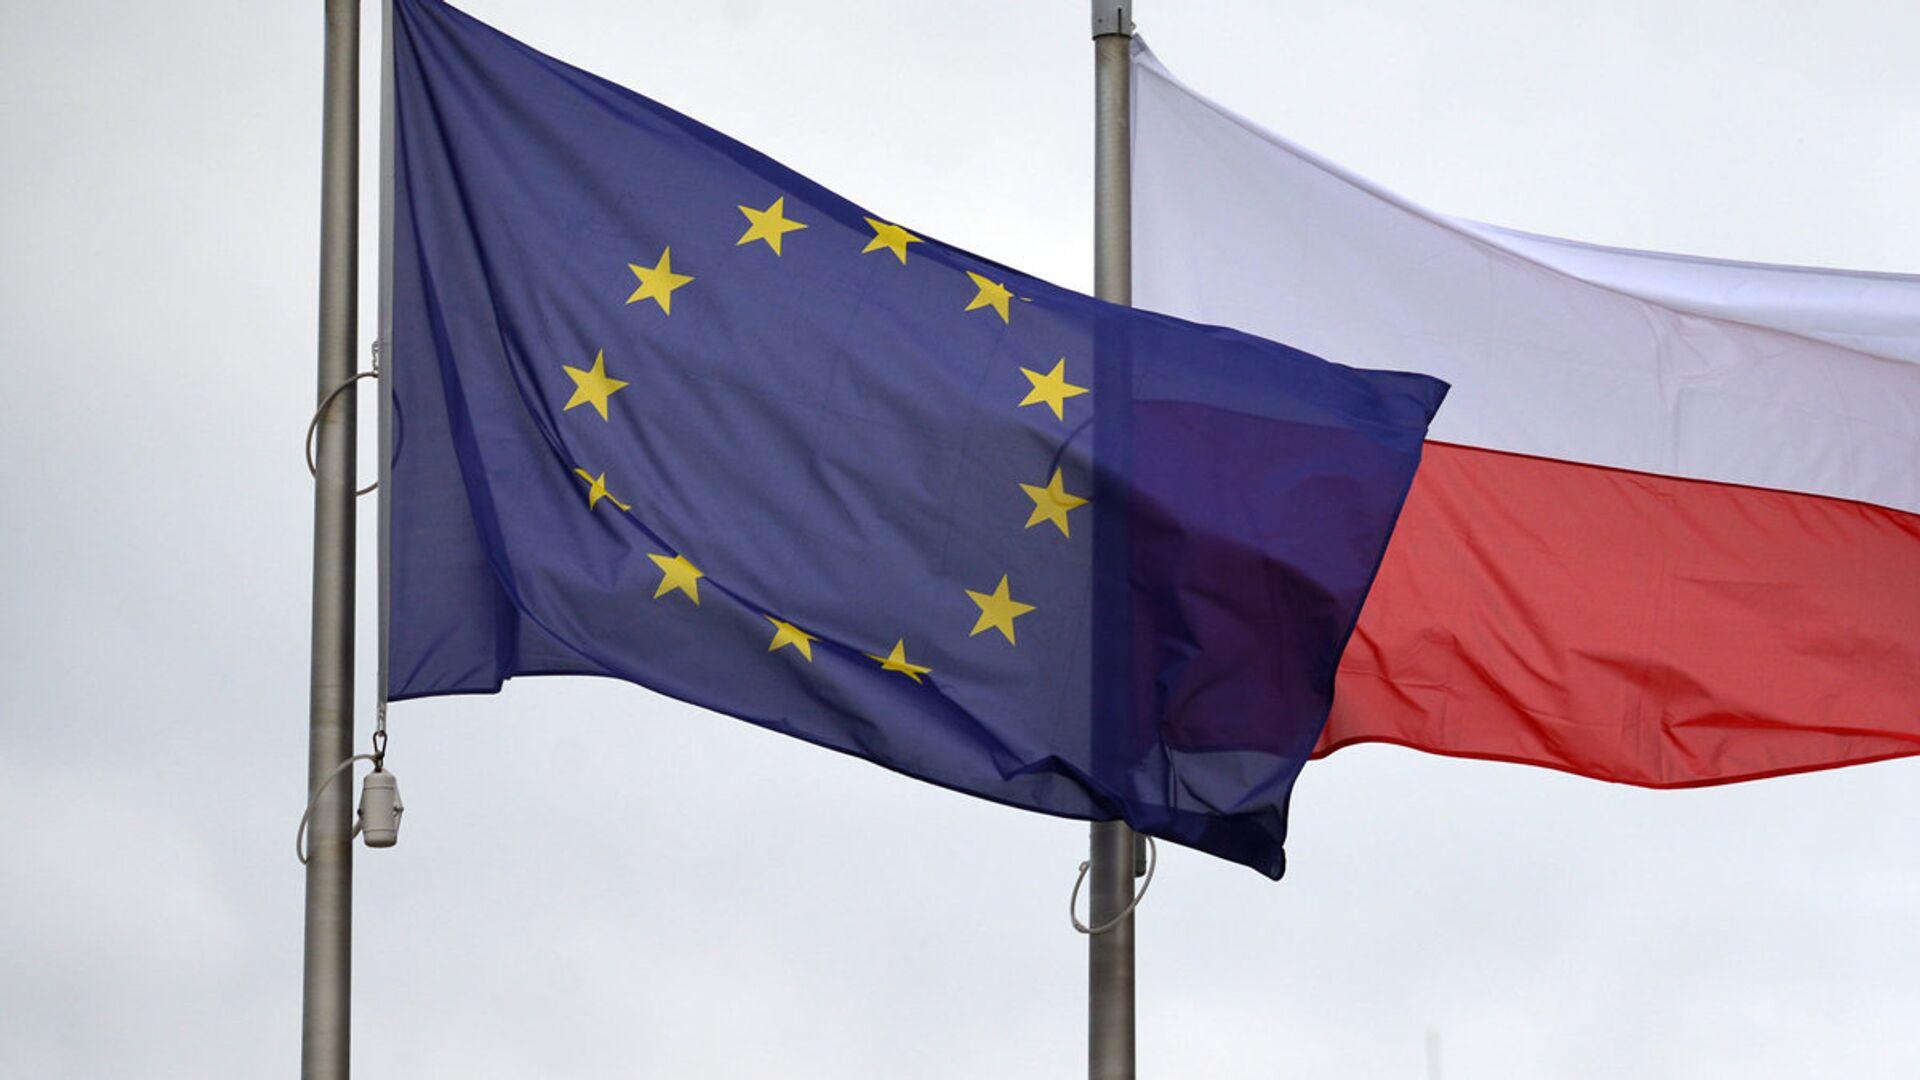 Флаги Евросоюза и Польши - Sputnik Latvija, 1920, 04.03.2021